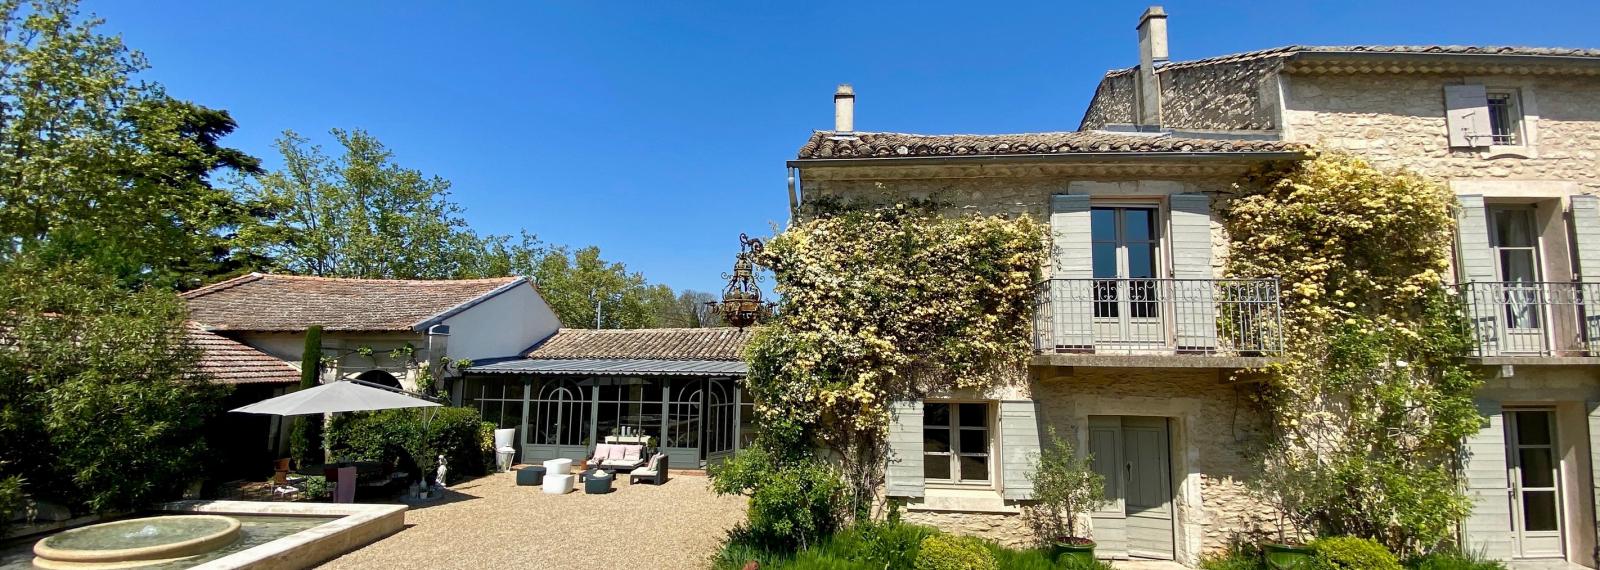 Chambres d'hôtes La Maison de Line à Saint-Rémy-de-Provence